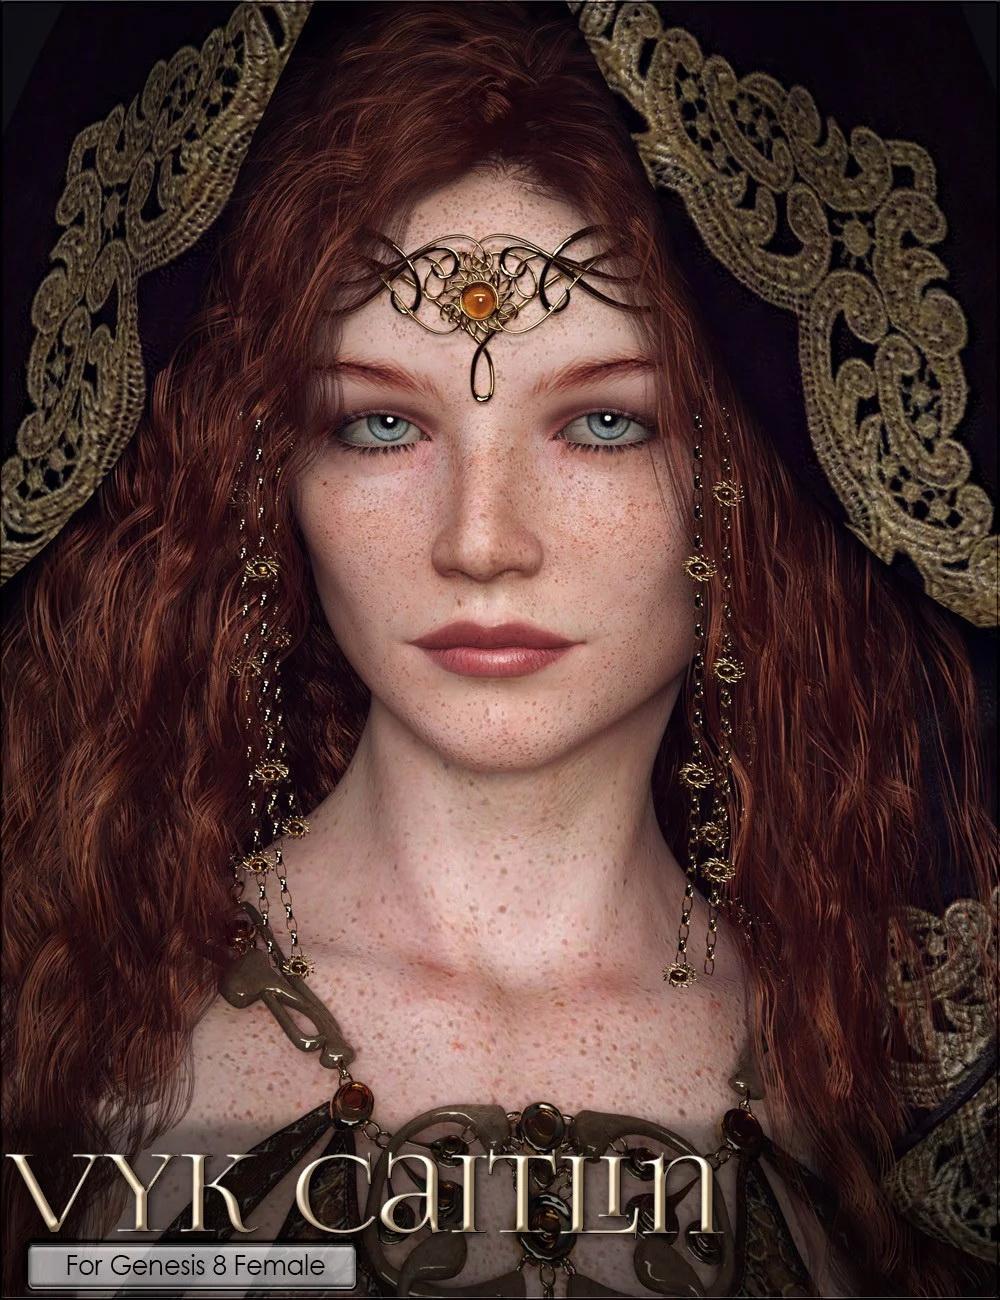 VYK Caitlin for Genesis 8 Female